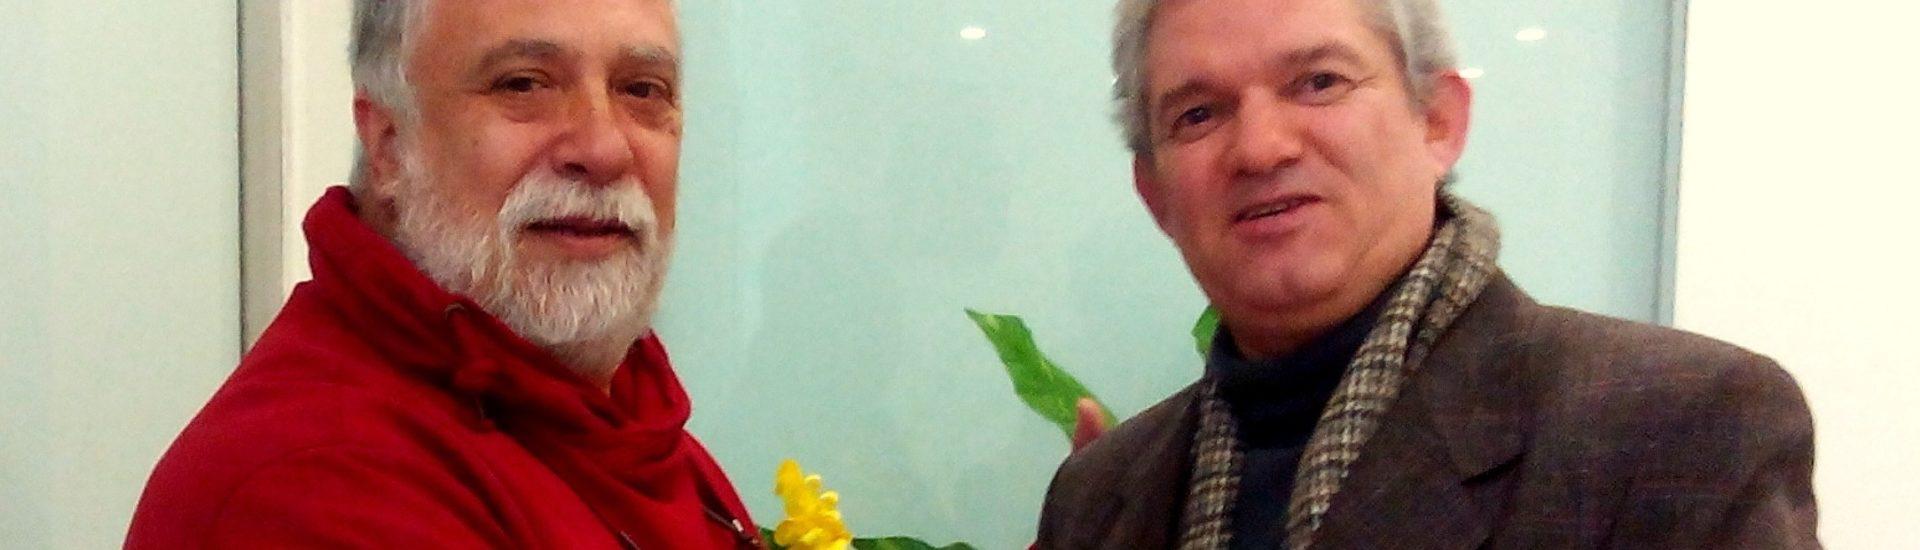 APFISIO reuniu com a Sociedade Portuguesa de Medicina Chinesa